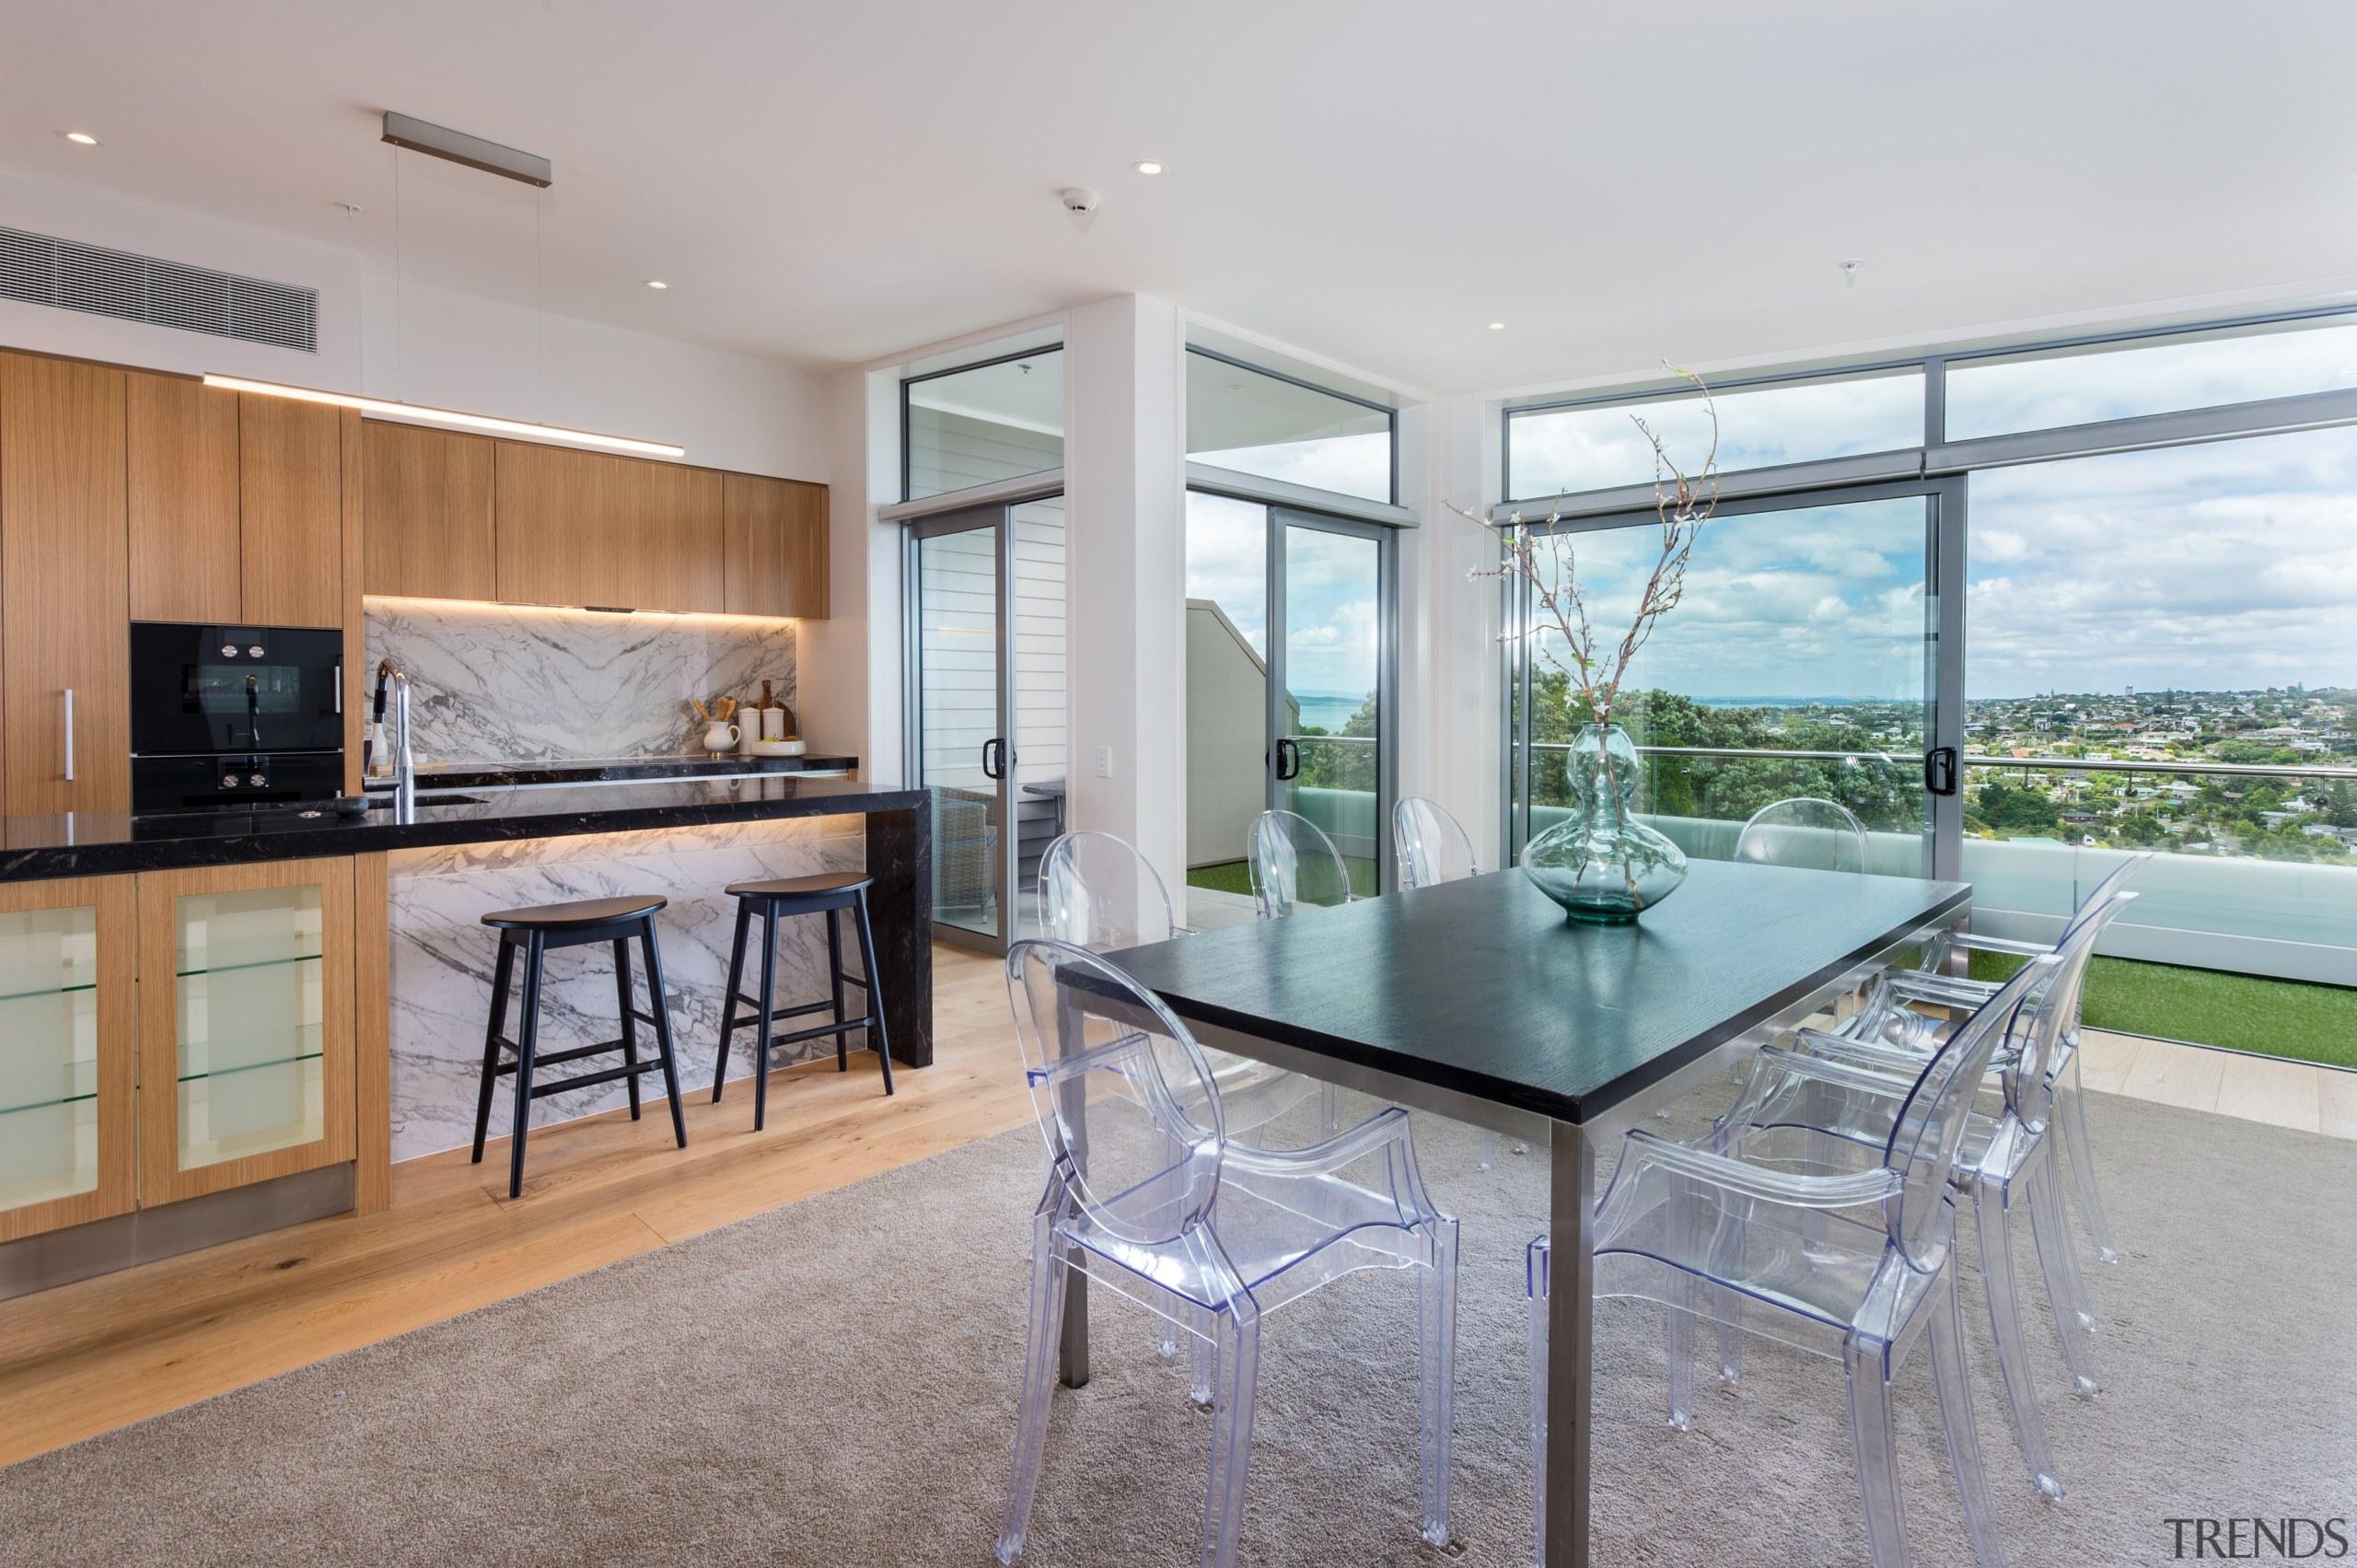 Kitchen featuring Gaggenau appliances - Kitchen featuring Gaggenau house, interior design, kitchen, real estate, gray